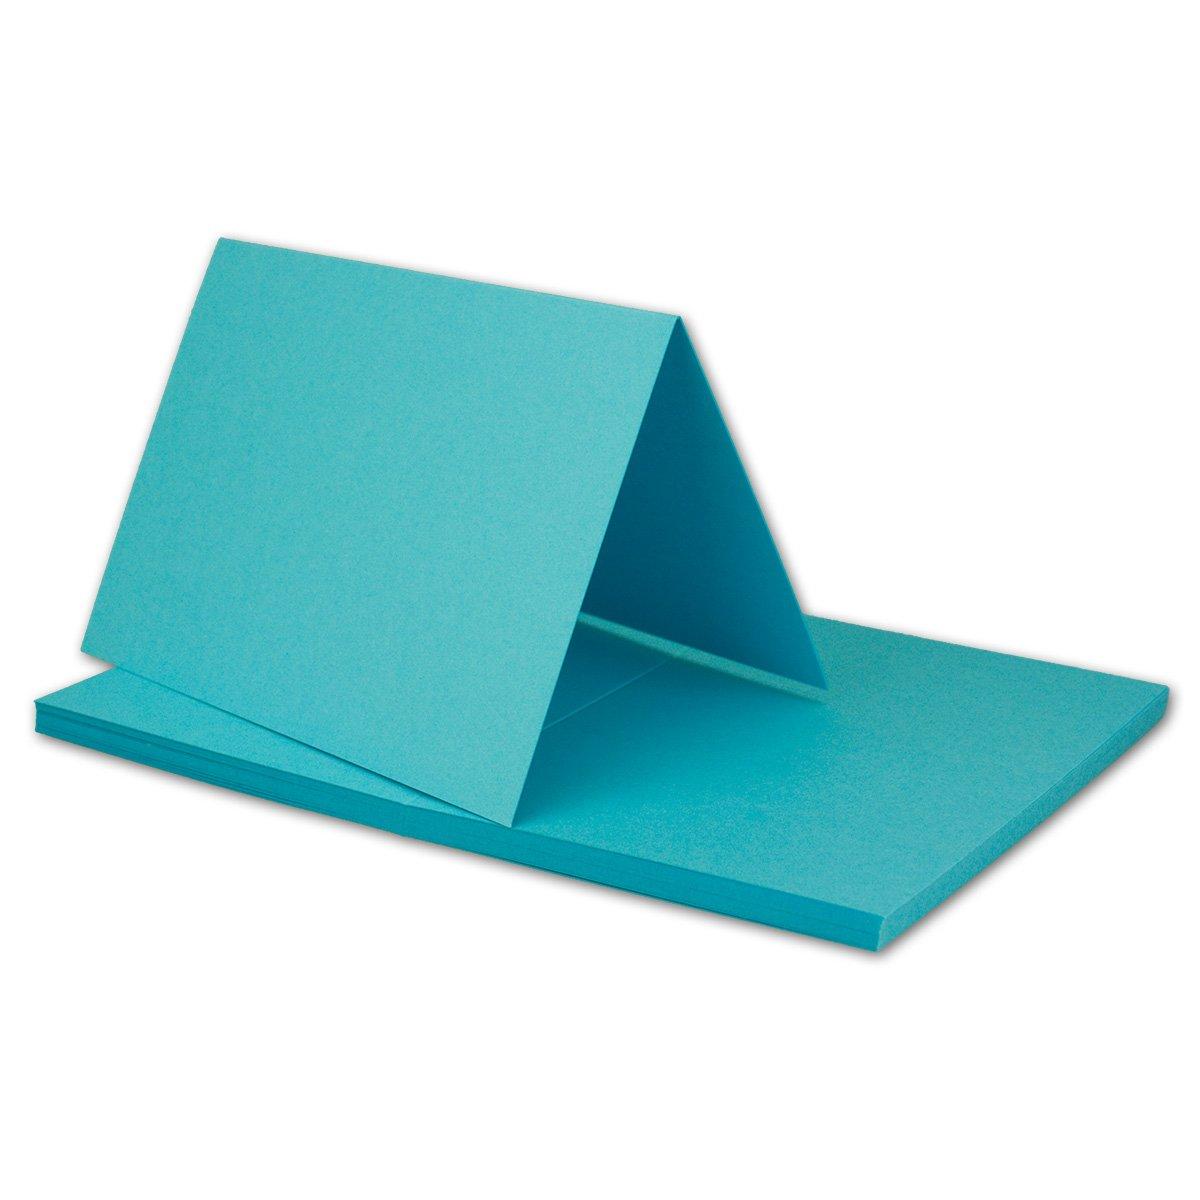 250x Falt-Karten DIN A6 Blanko Doppel-Karten in Hochweiß Kristallweiß -10,5 x 14,8 cm   Premium Qualität   FarbenFroh® B07KHYQFN2 | Deutschland Outlet